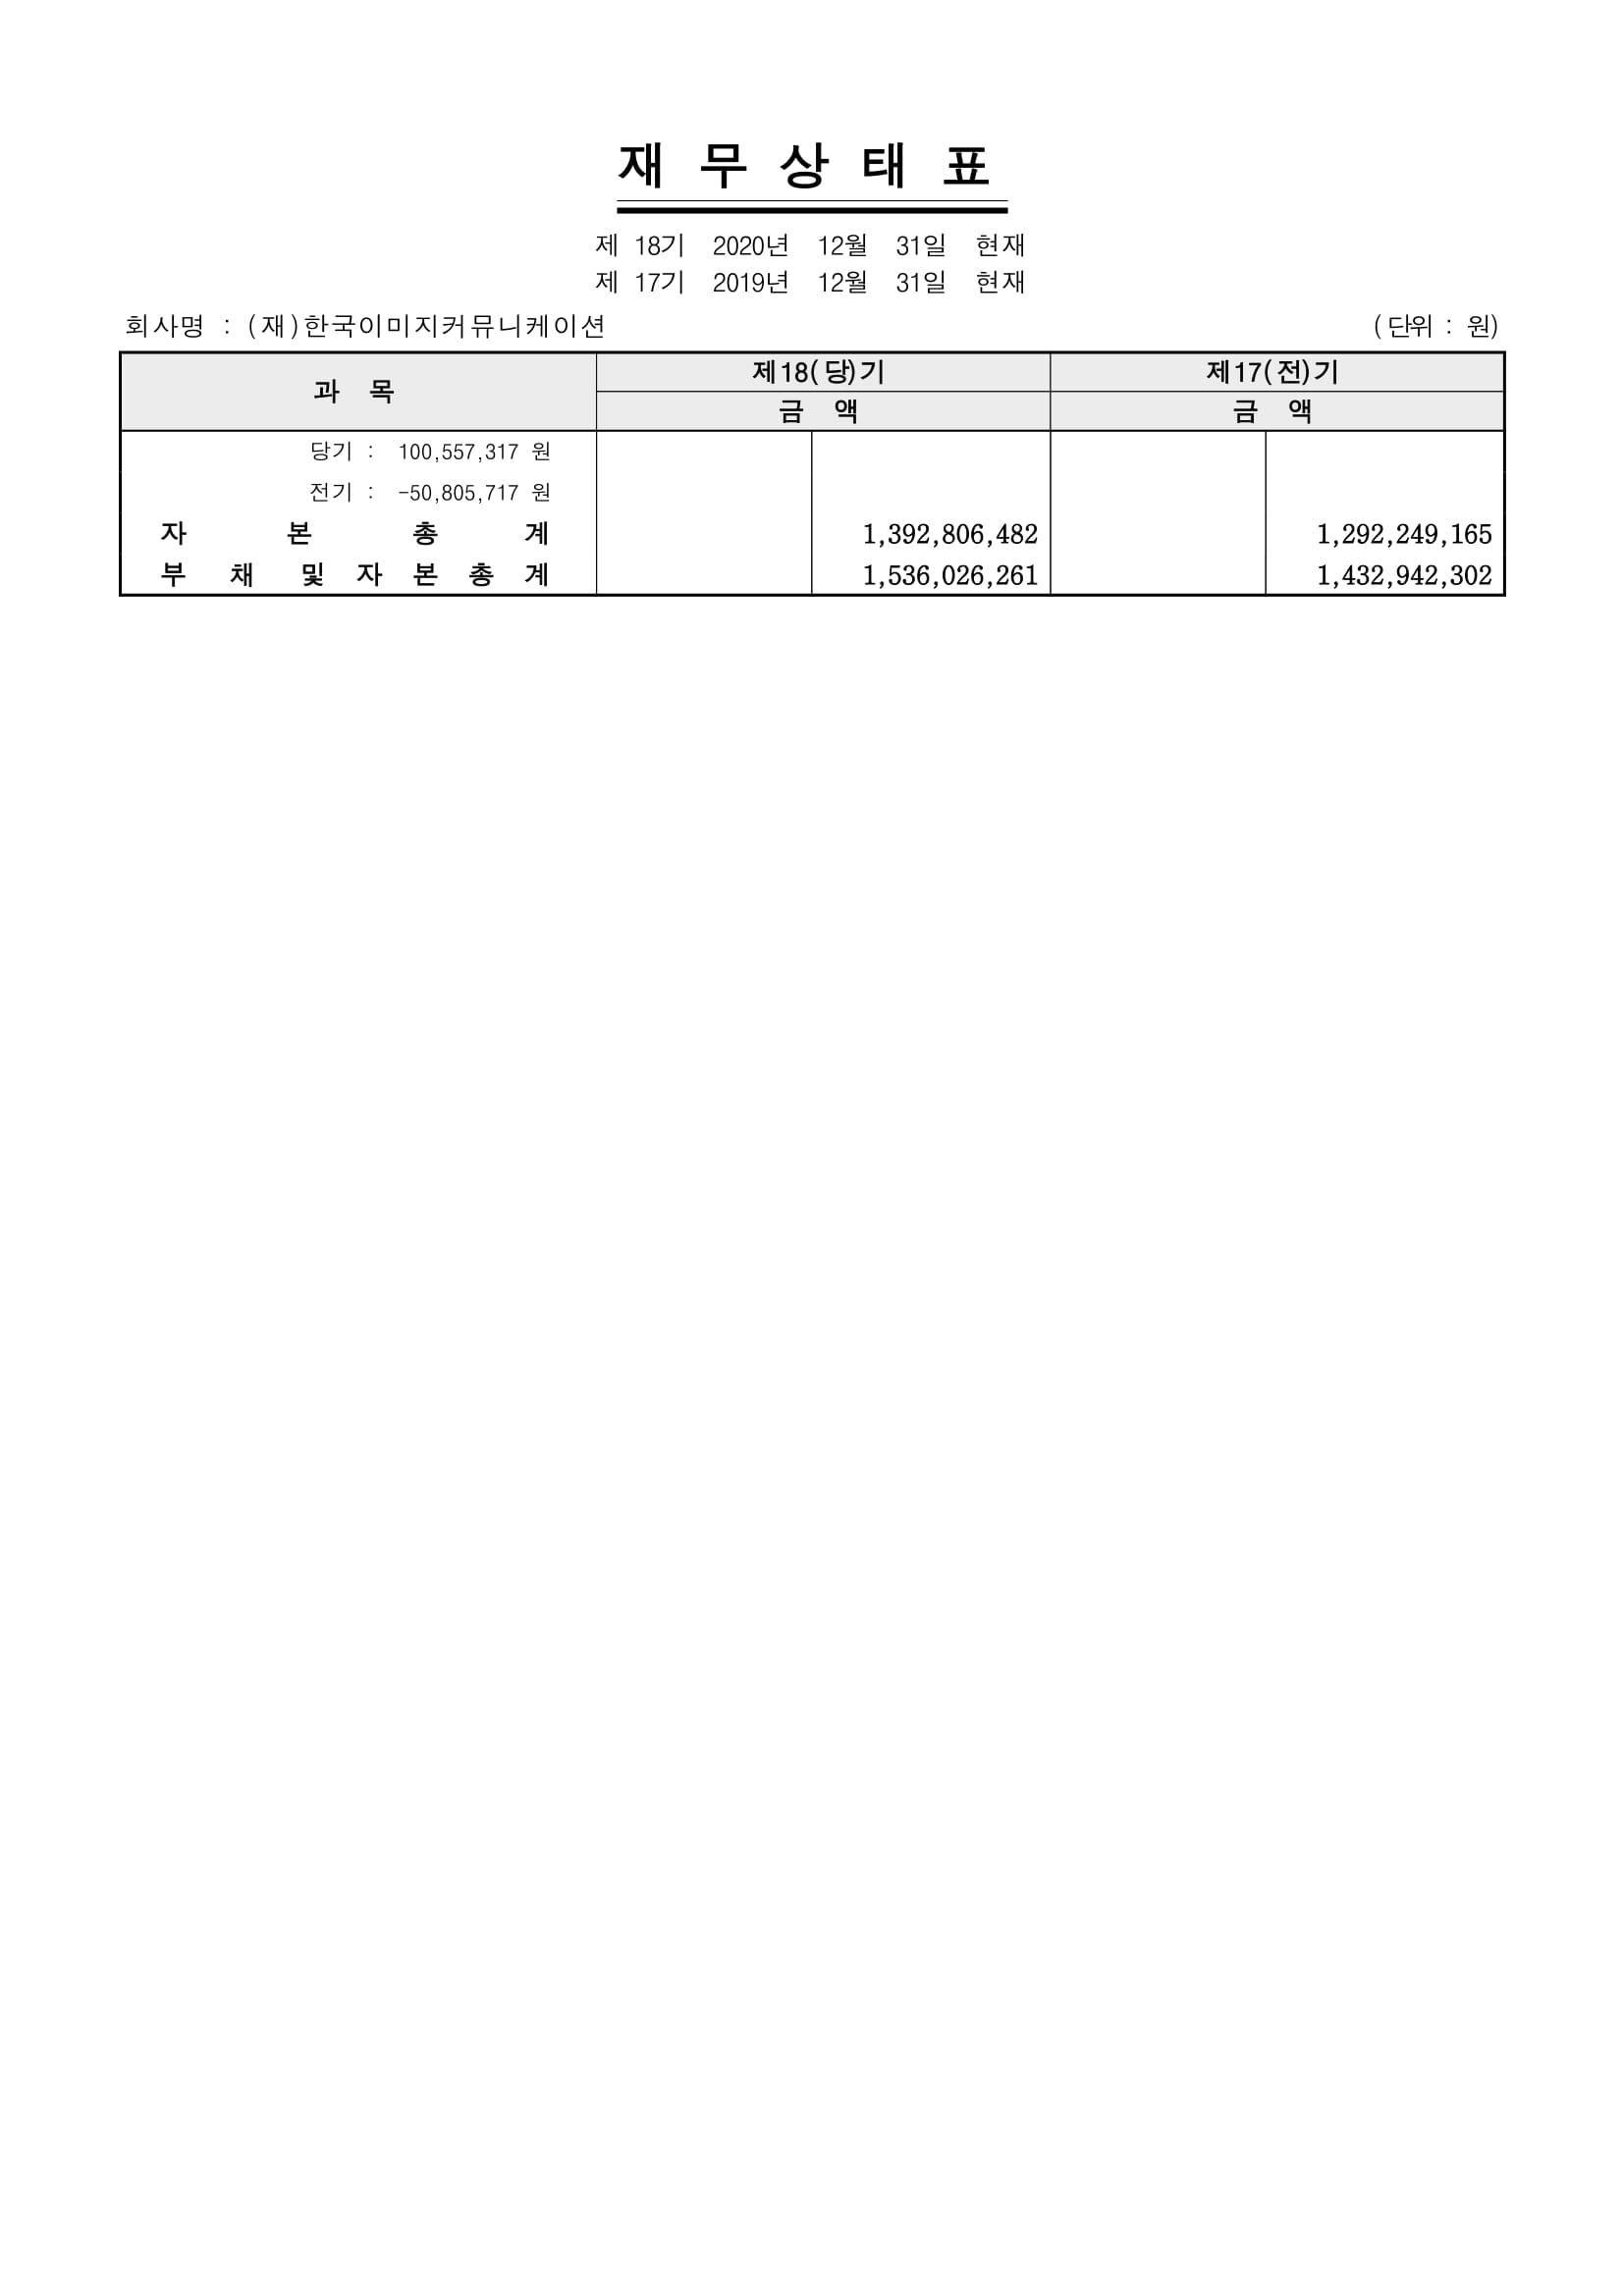 (재)한국이미지커뮤니케이션재무상태표2020년귀속-2.jpg